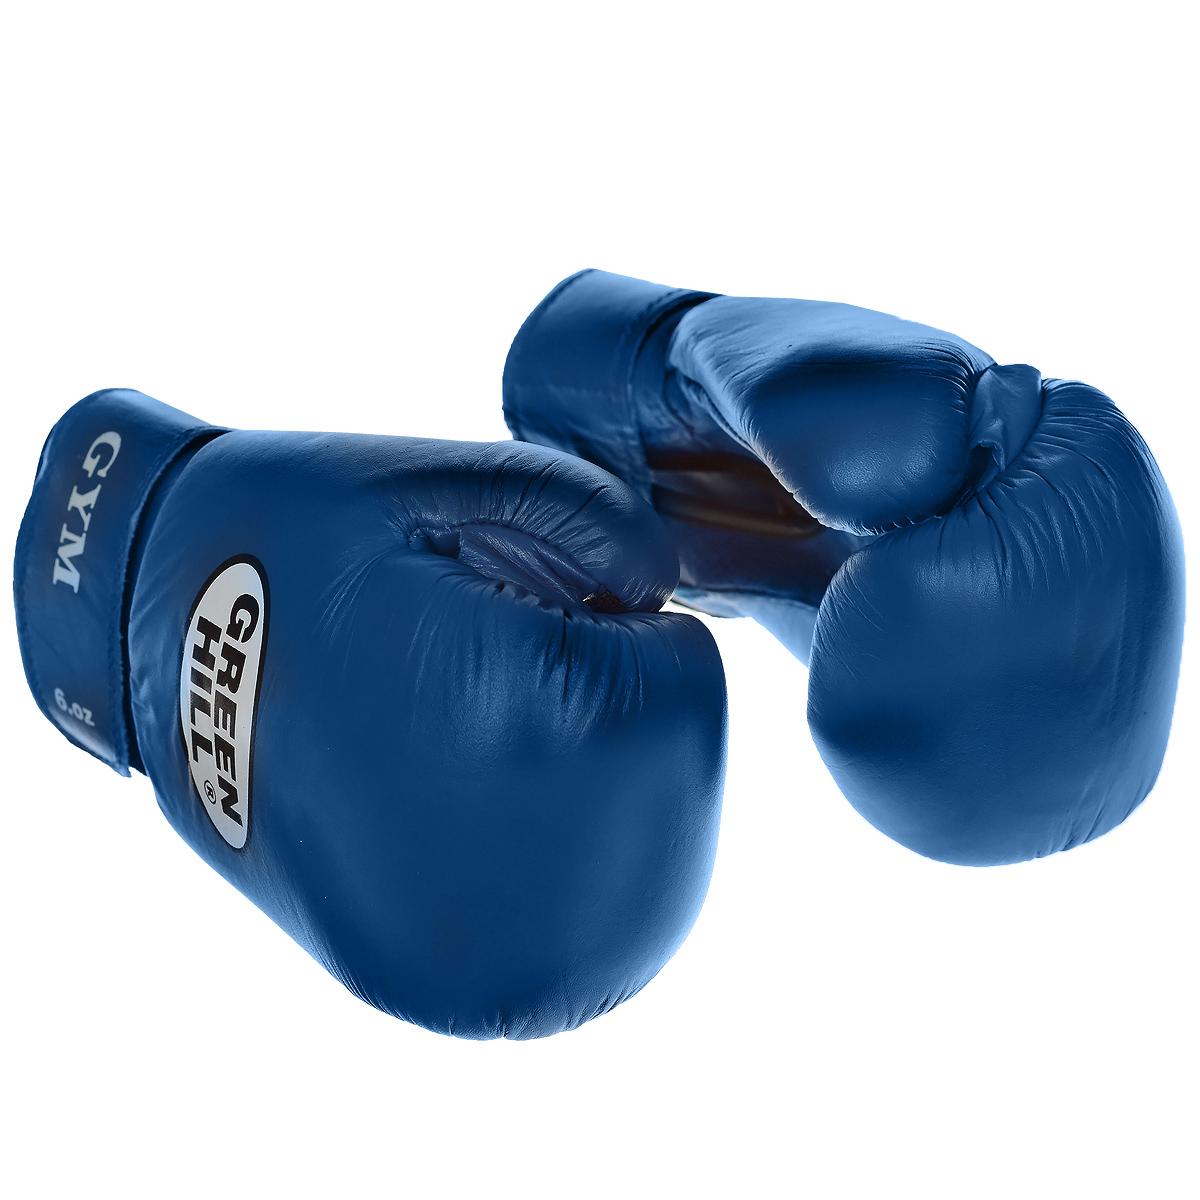 Перчатки боксерские Green Hill Gym, цвет: синий. Вес 6 унцийadiBT031Боксерские перчатки Green Hill Gym специально разработаны для тренировочных спаррингов. Верх выполнен из натуральной кожи, наполнитель - из предварительно сформированного пенополиуретана. Перфорированная поверхность в области ладони позволяет создать максимально комфортный терморежим во время занятий. Широкий ремень, охватывая запястье, полностью оборачивается вокруг манжеты, благодаря чему создается дополнительная защита лучезапястного сустава от травмирования. Застежка на липучке способствует быстрому и удобному одеванию перчаток, плотно фиксирует перчатки на руке.